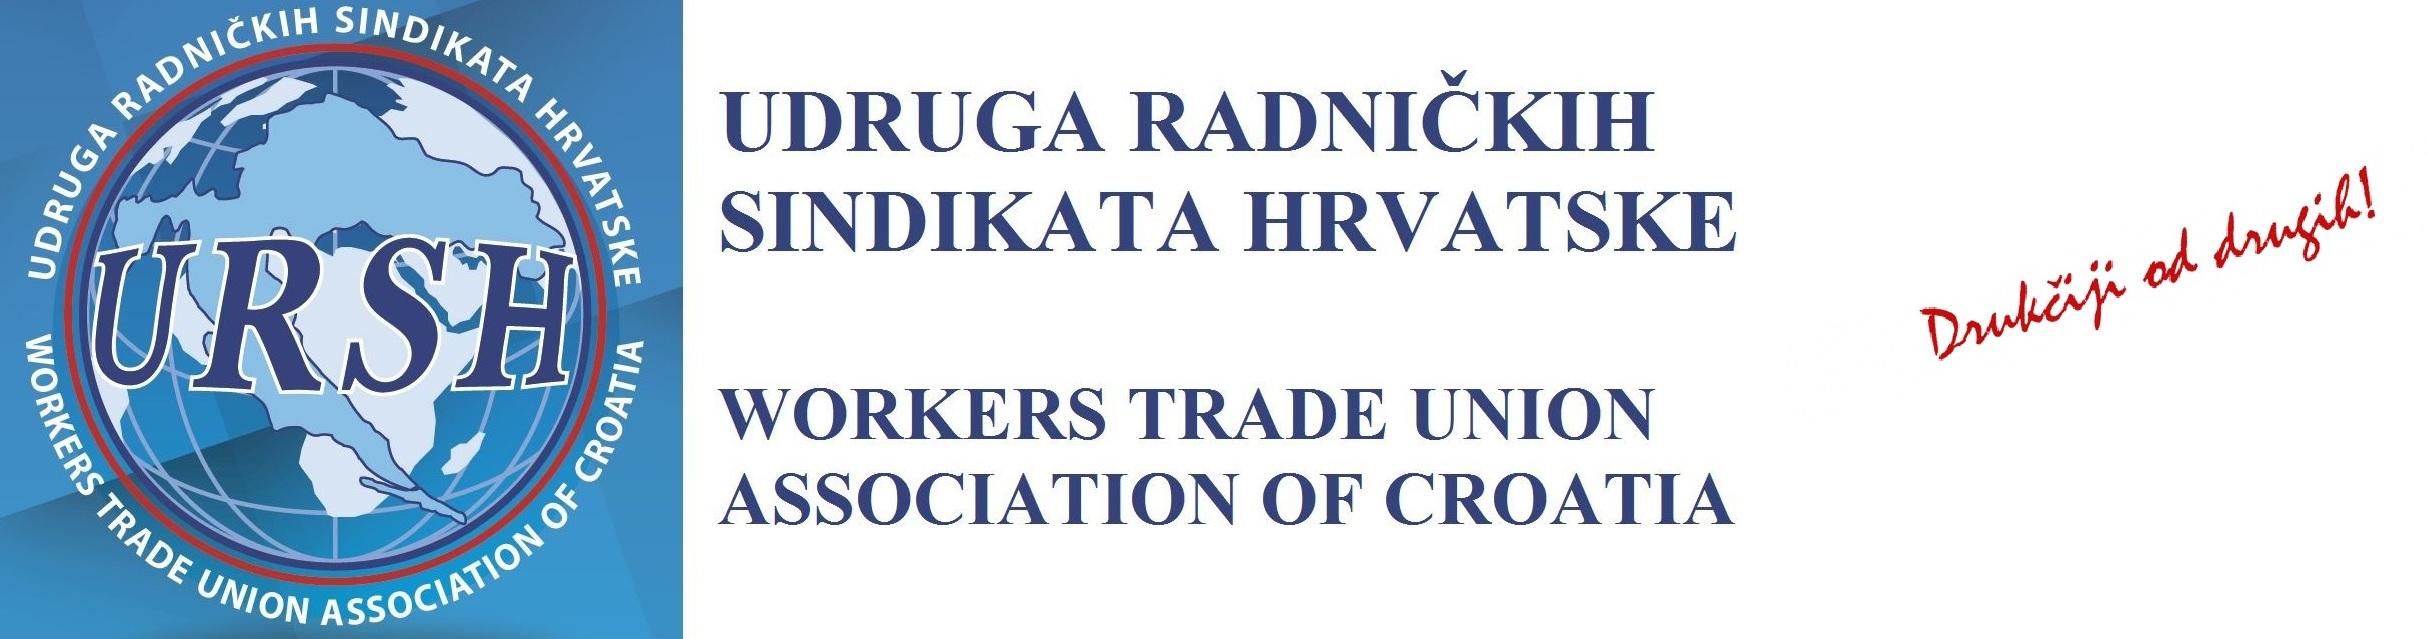 Udruga radničkih sindikata Hrvatske